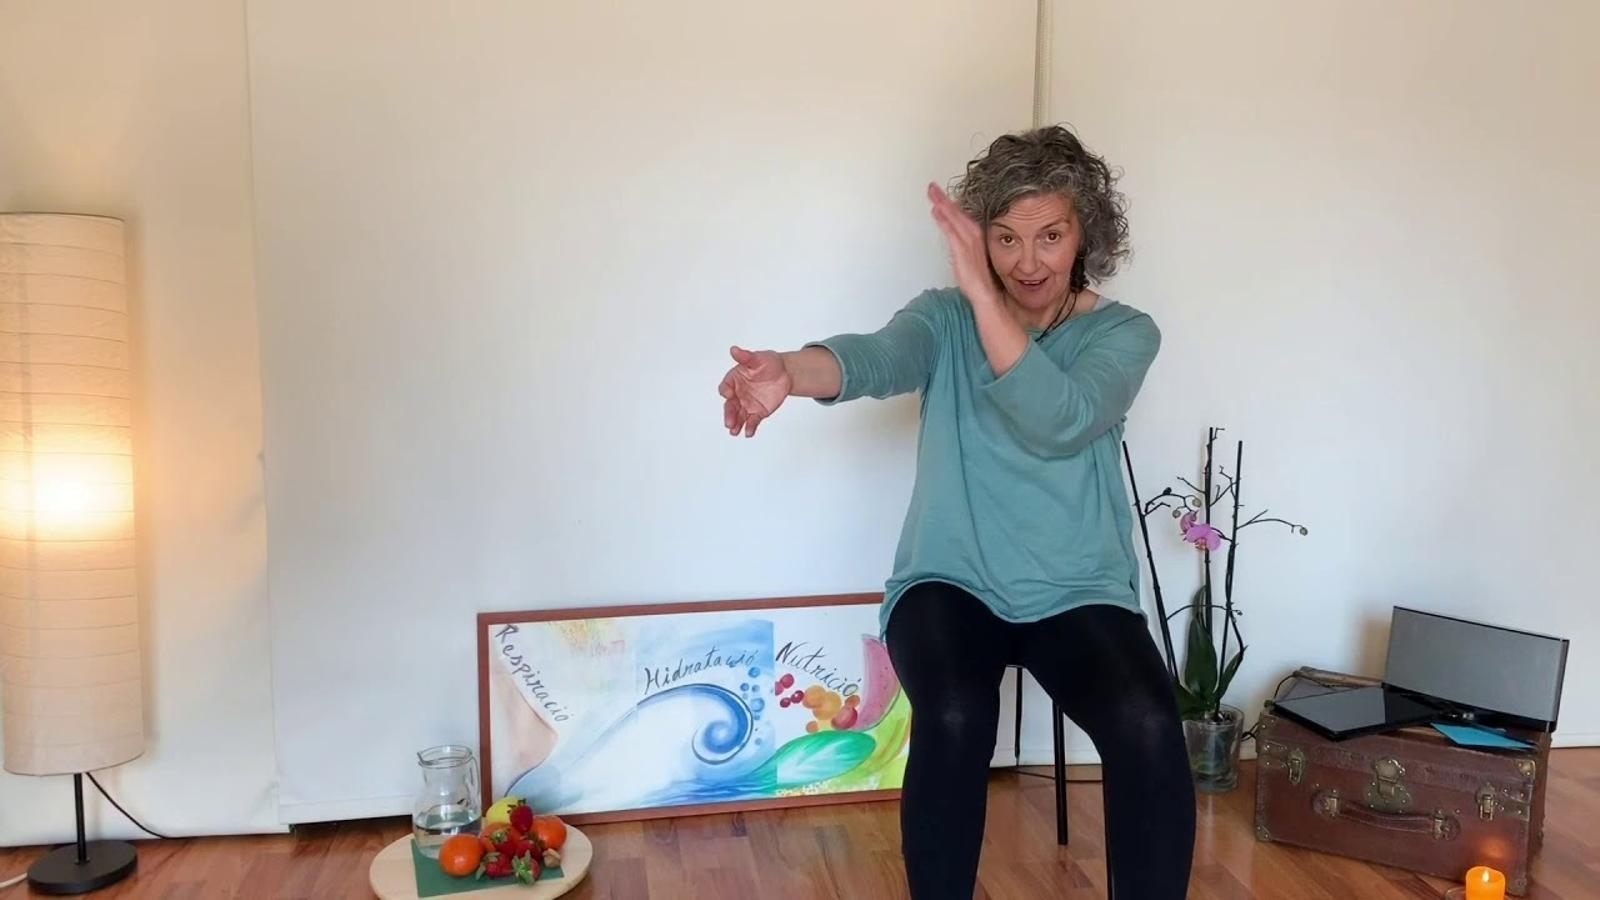 Un dels vídeos amb exercicis per a la gent gran